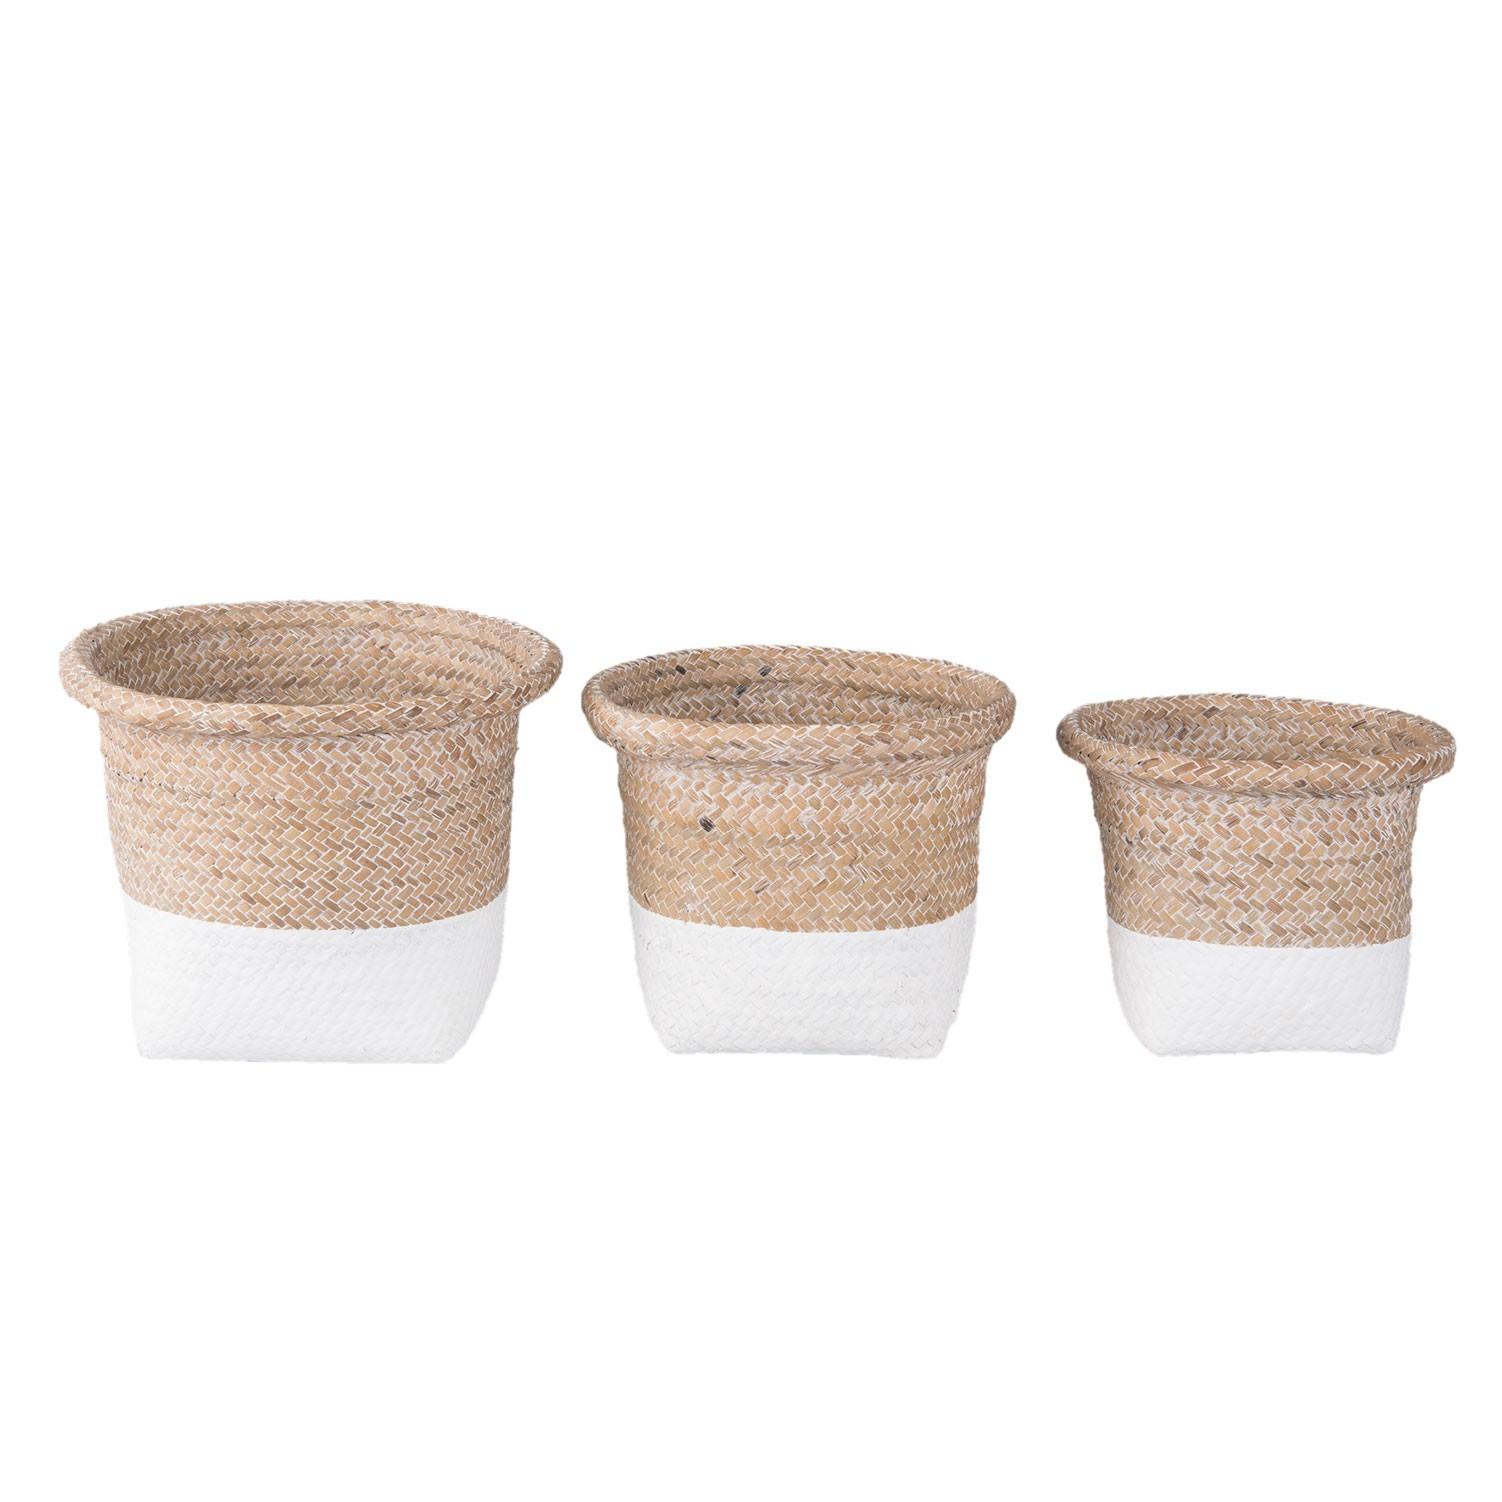 Sada 3 košíků/ květináčů z mořské trávy - Ø 26*20 / Ø 23*19 / Ø 20*17 cm